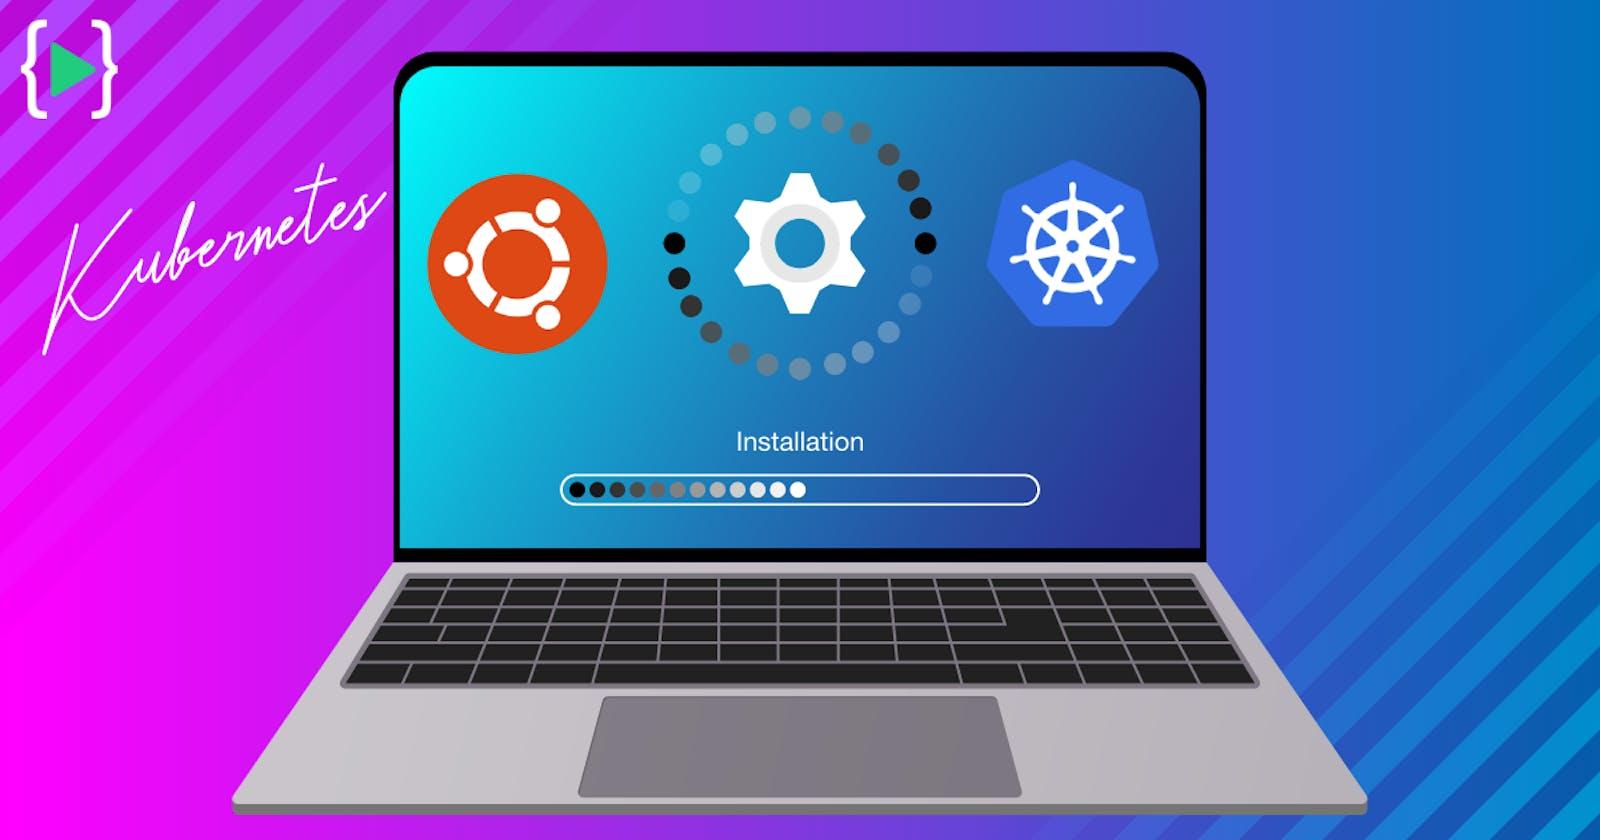 Kubernetes Cluster Deployment on Ubuntu Linux